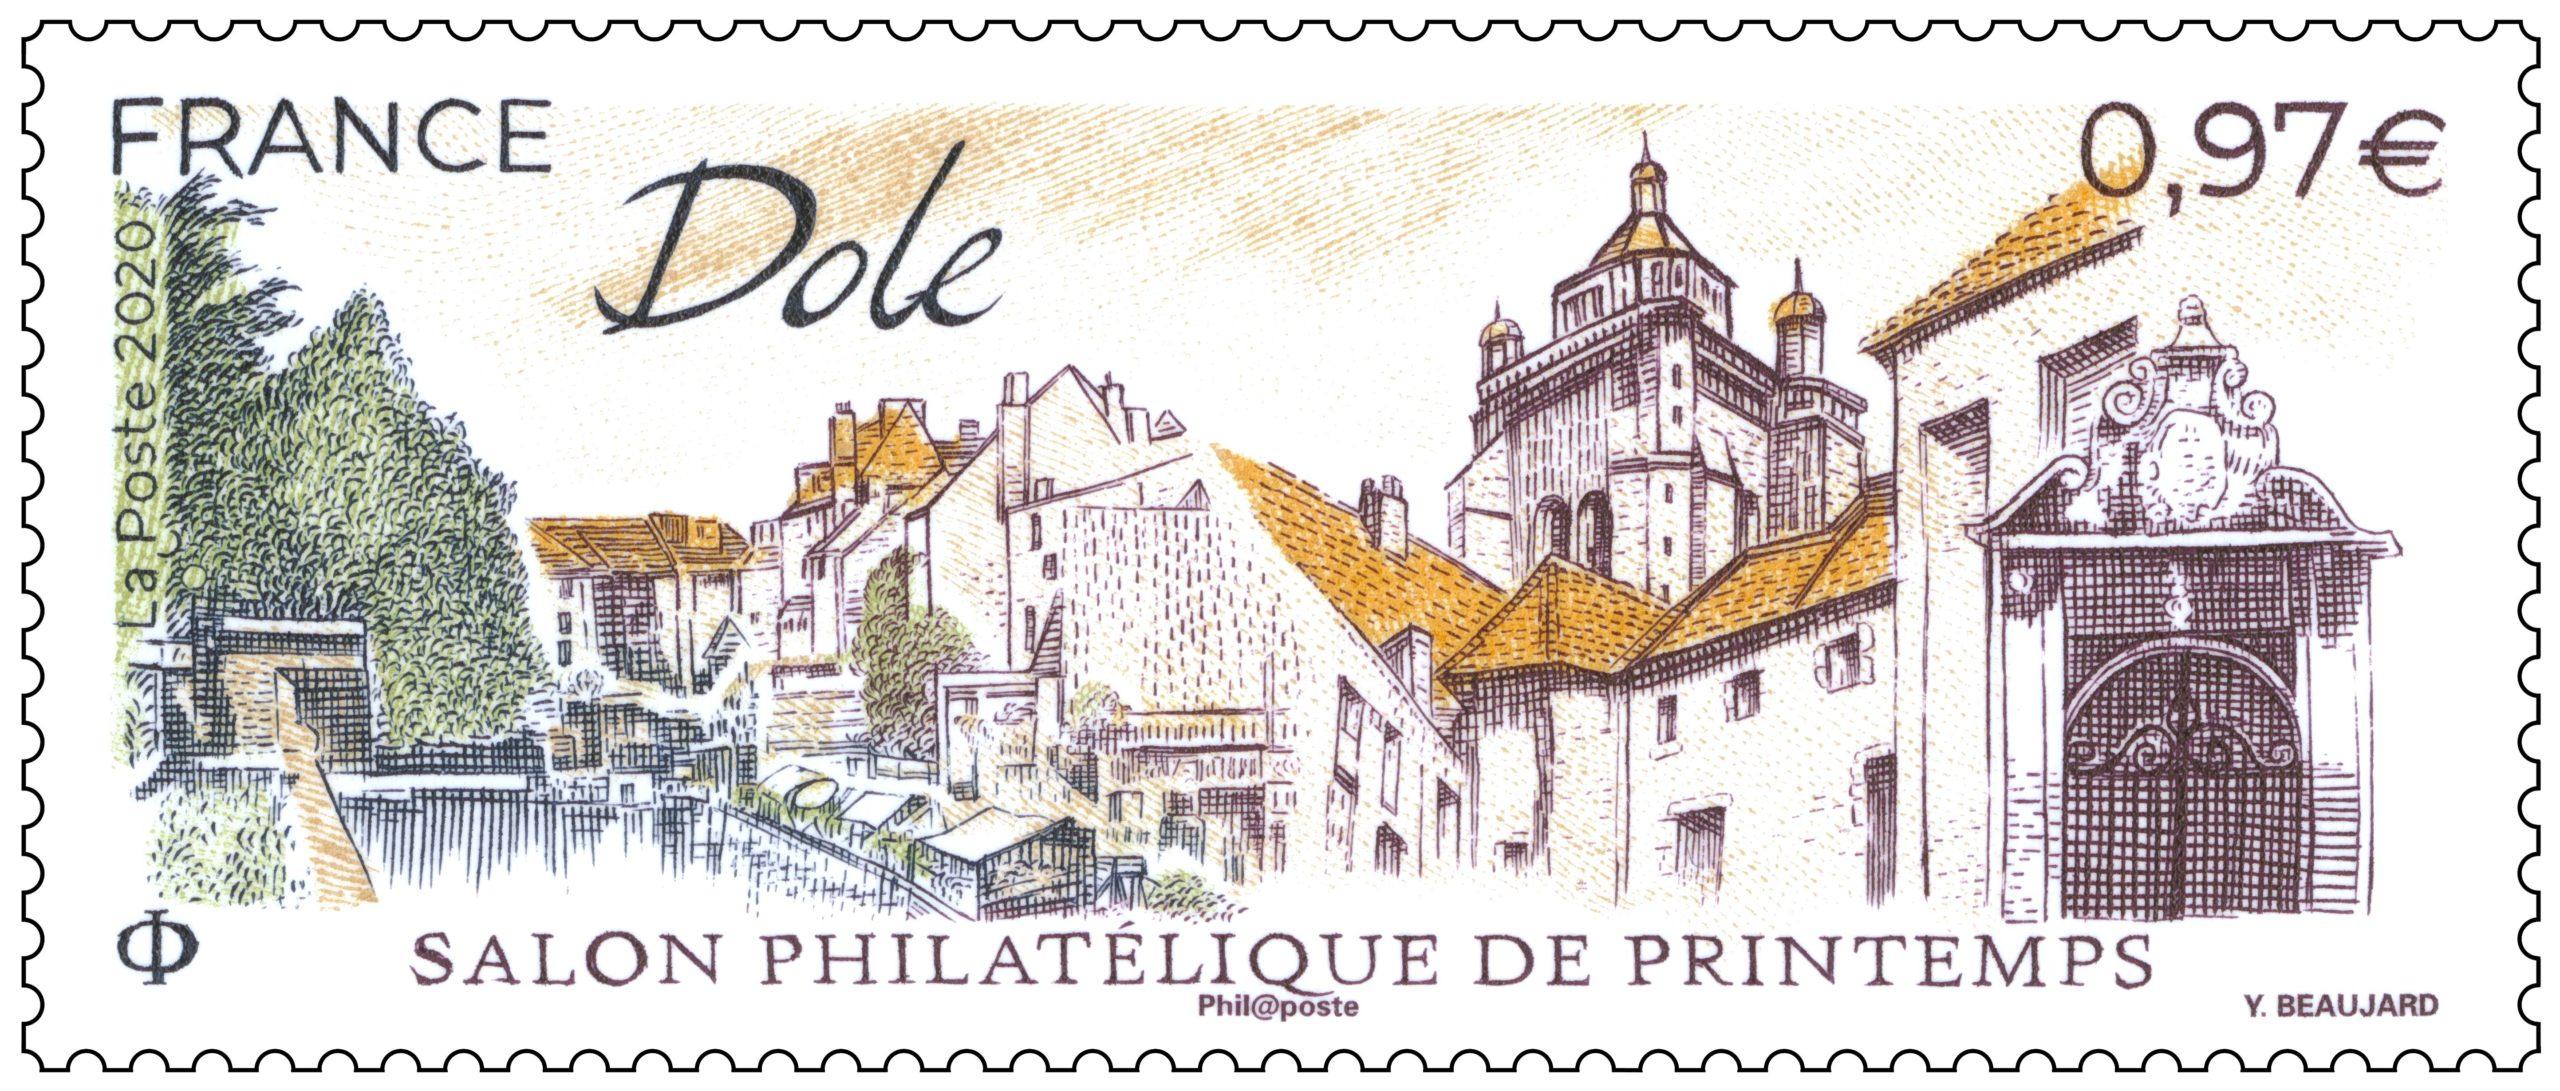 Salon Philatélique de Printemps Dole